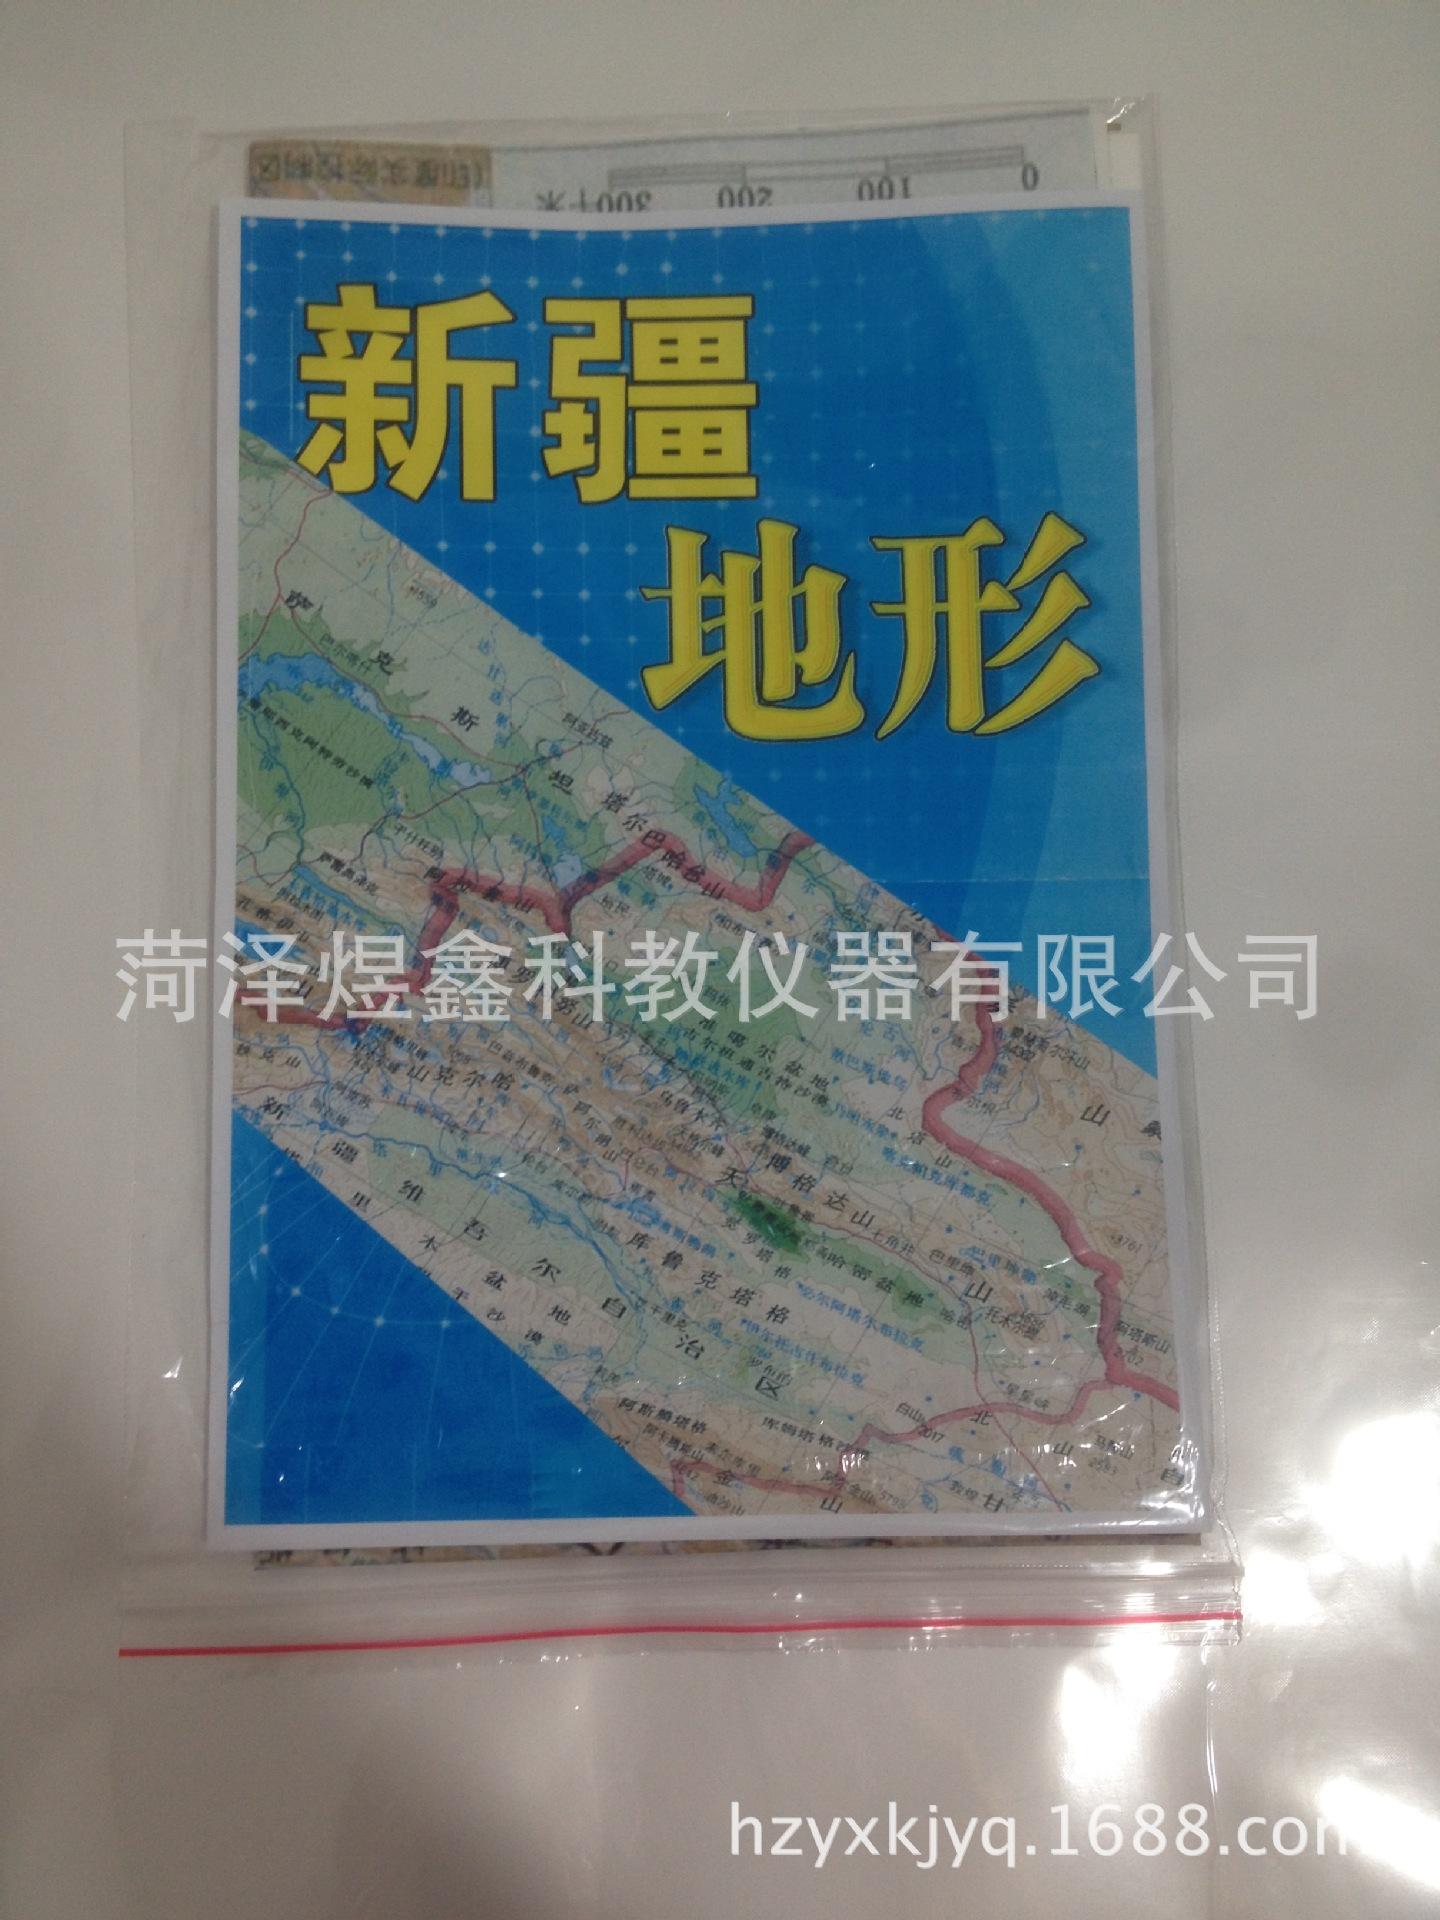 新疆地形图 新疆地形地图 双面覆膜PVC纸 防水防撕 地理教